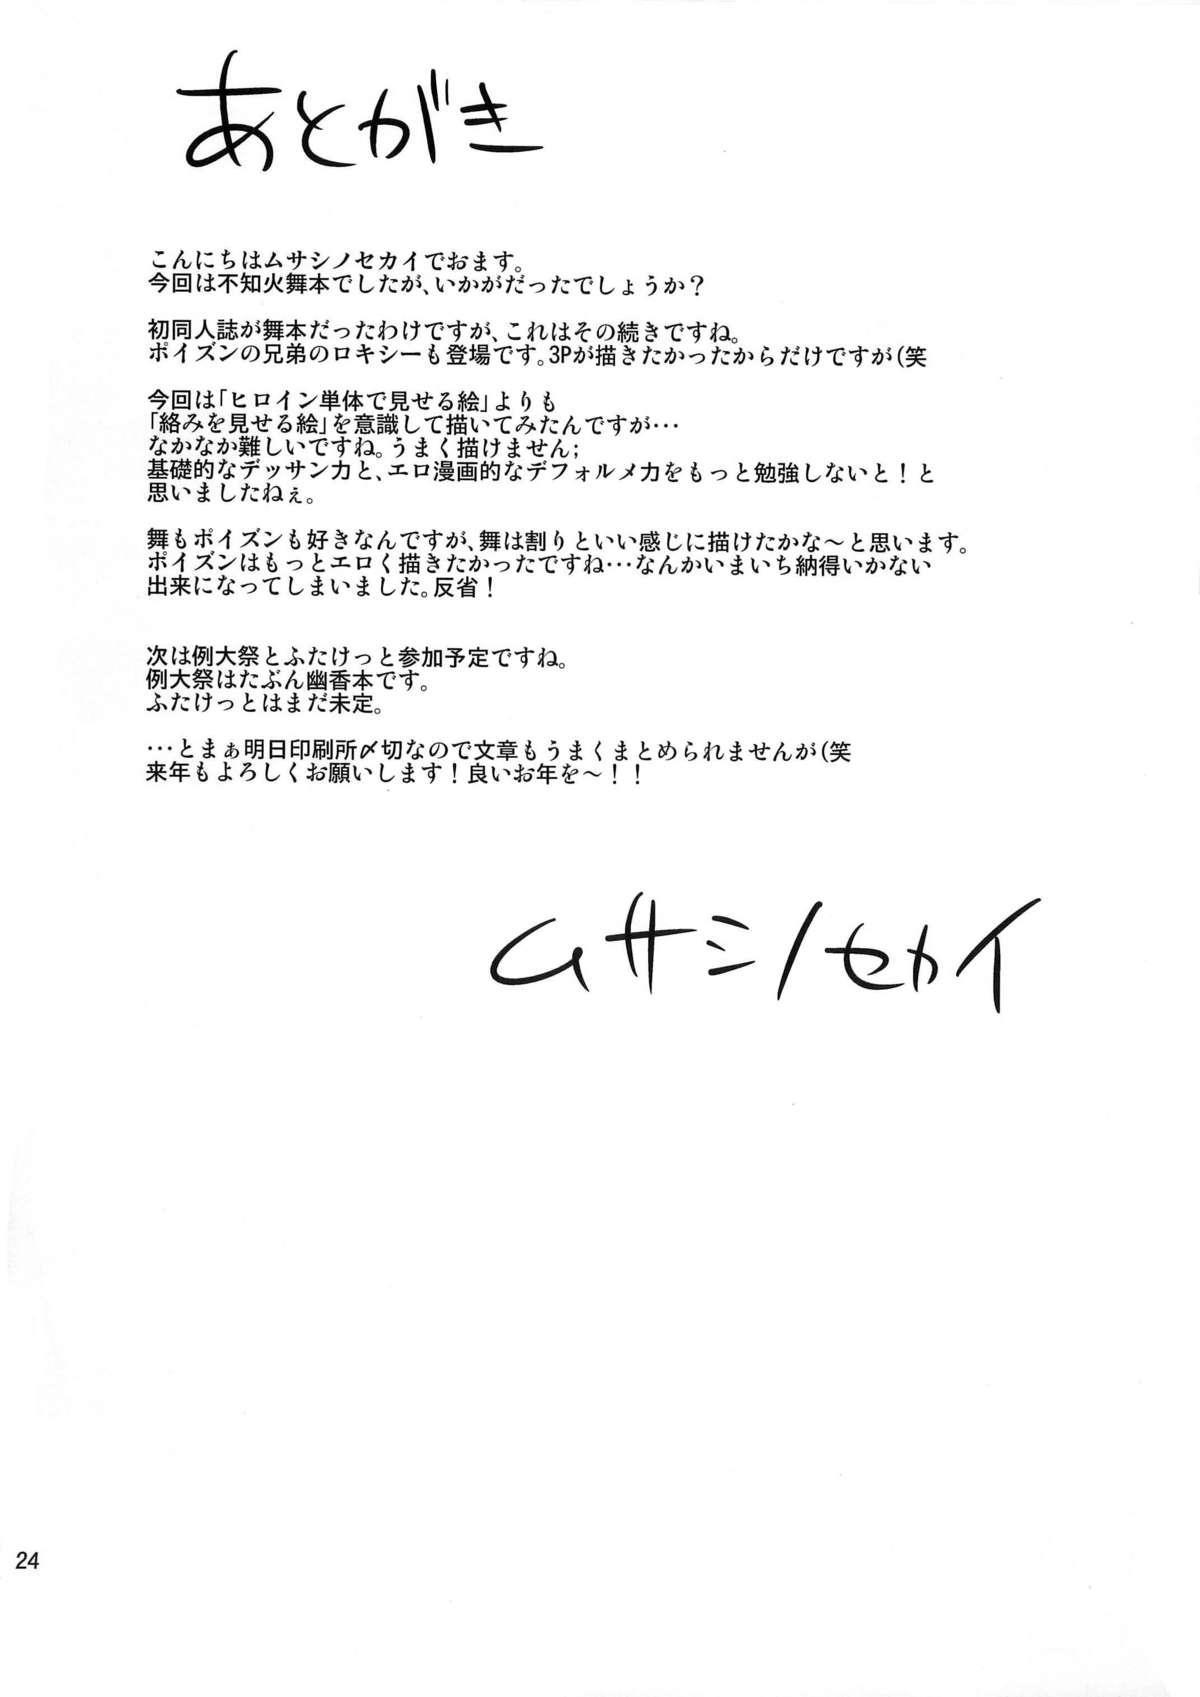 Futa-Mai Seisakujou 2 22